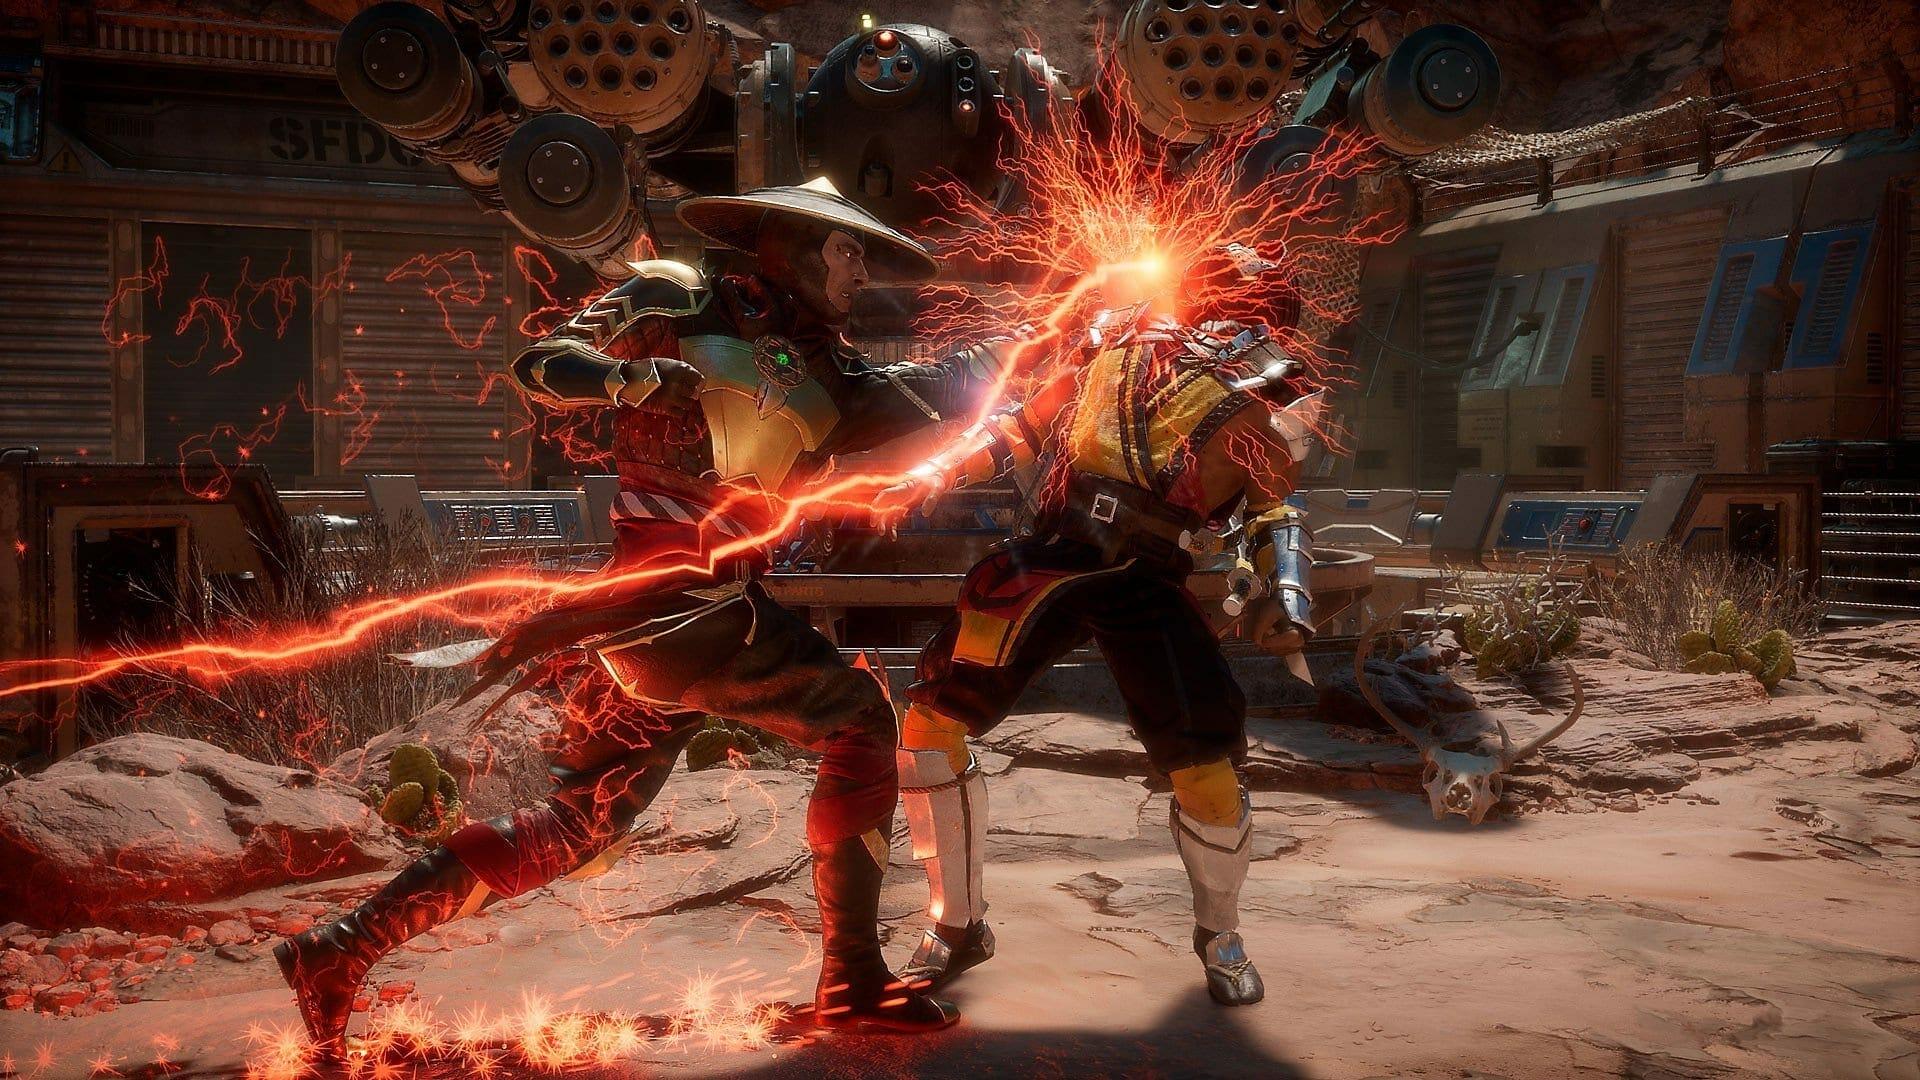 Fix Mortal Kombat 11 Crash